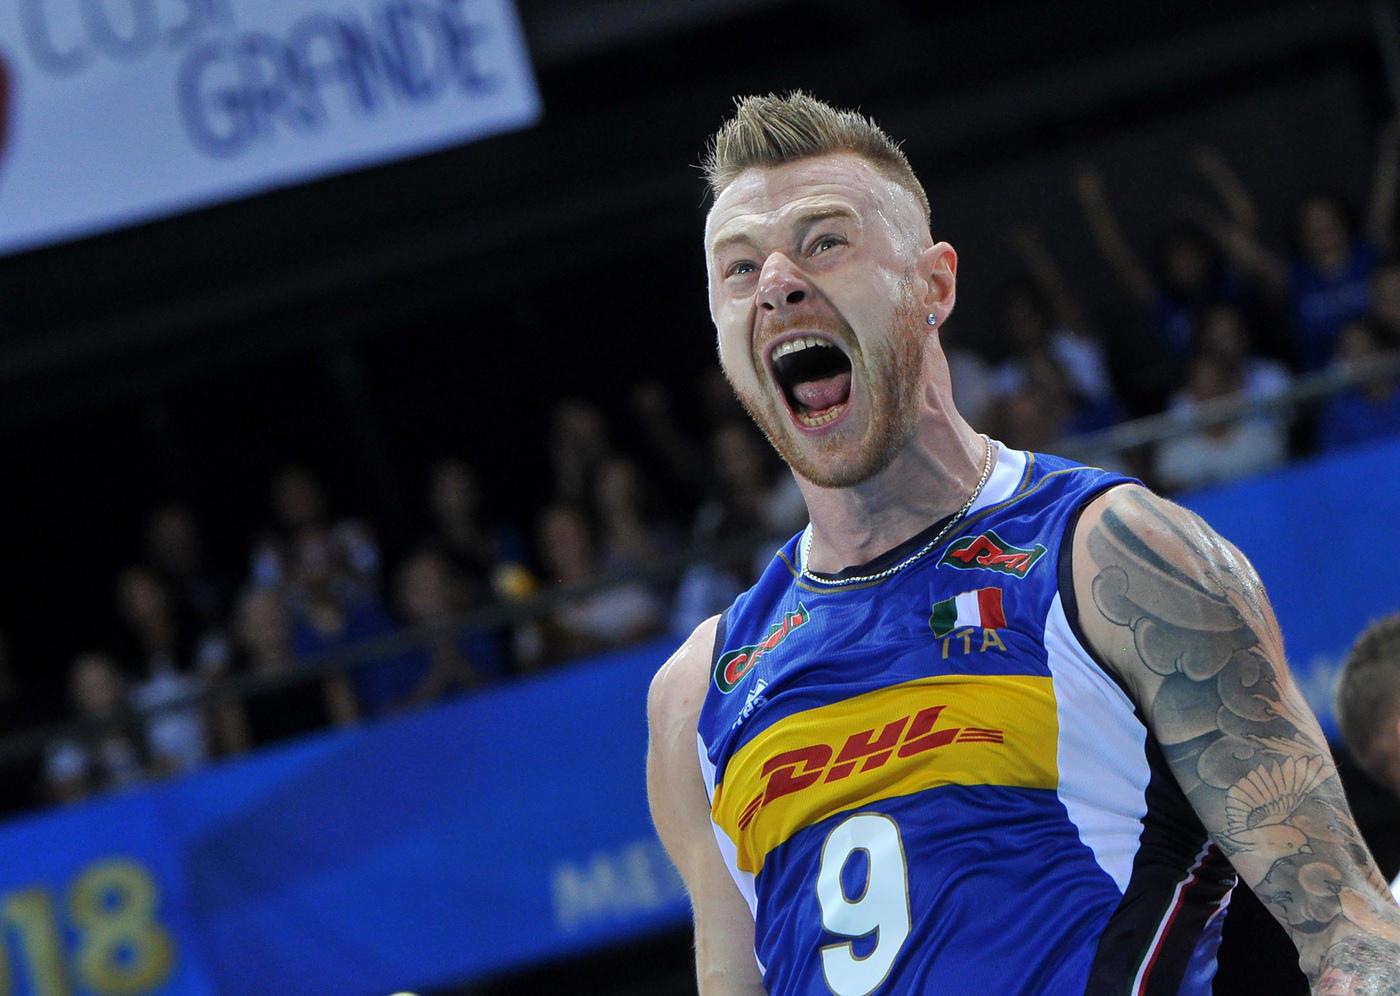 Mondiali di volley, Italia-Belgio 3-0: le foto